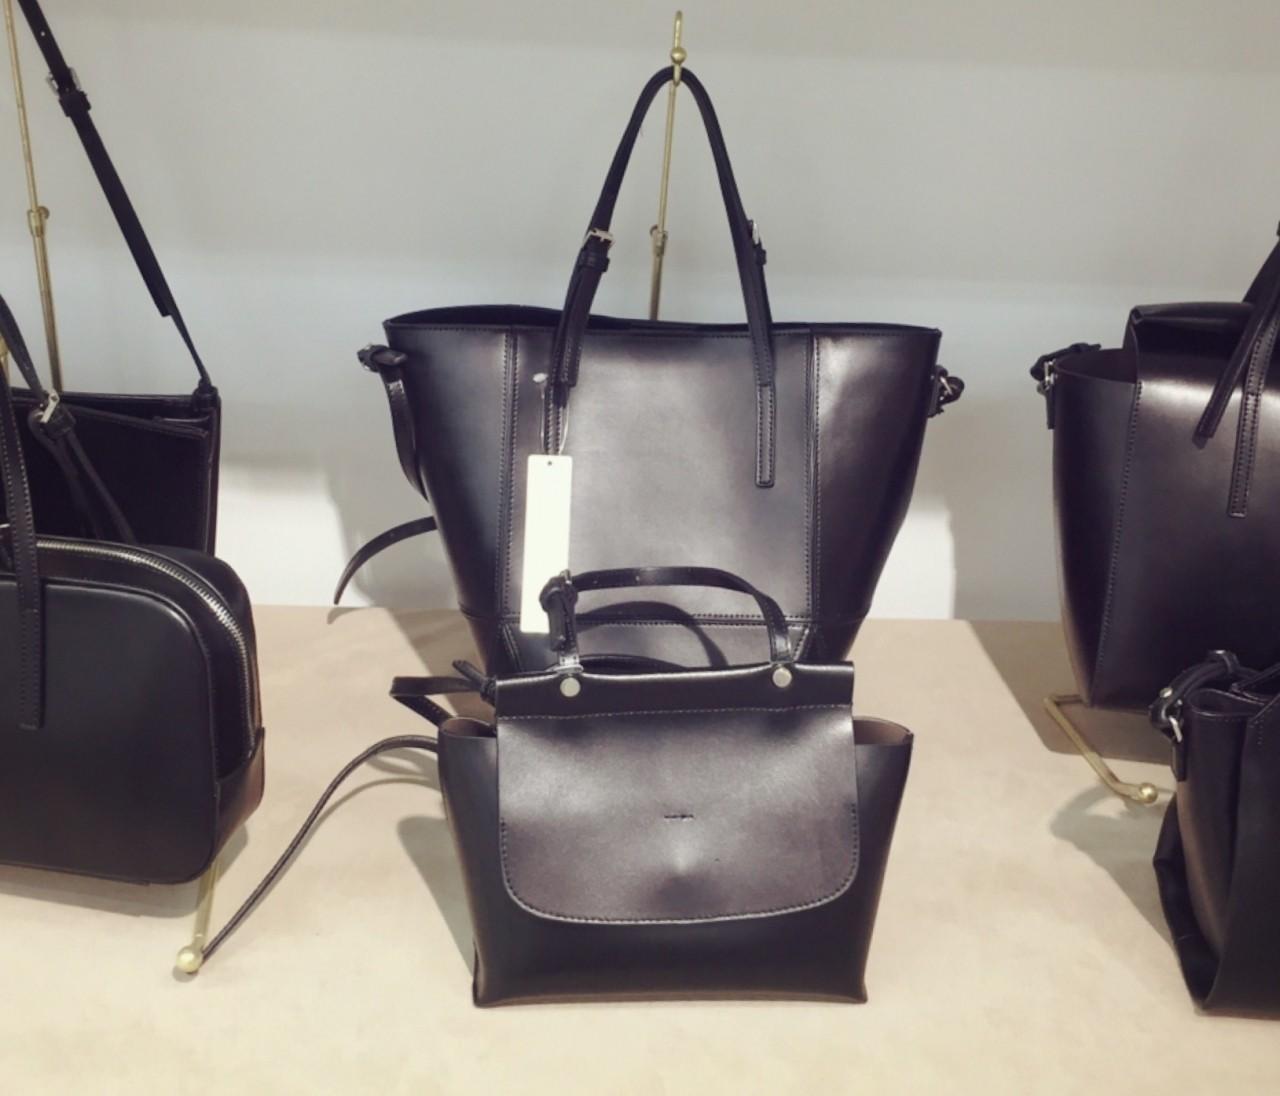 大人気「YAHKI」(ヤーキ)のバッグ、秋冬はデザインもカラーもますます豊富!